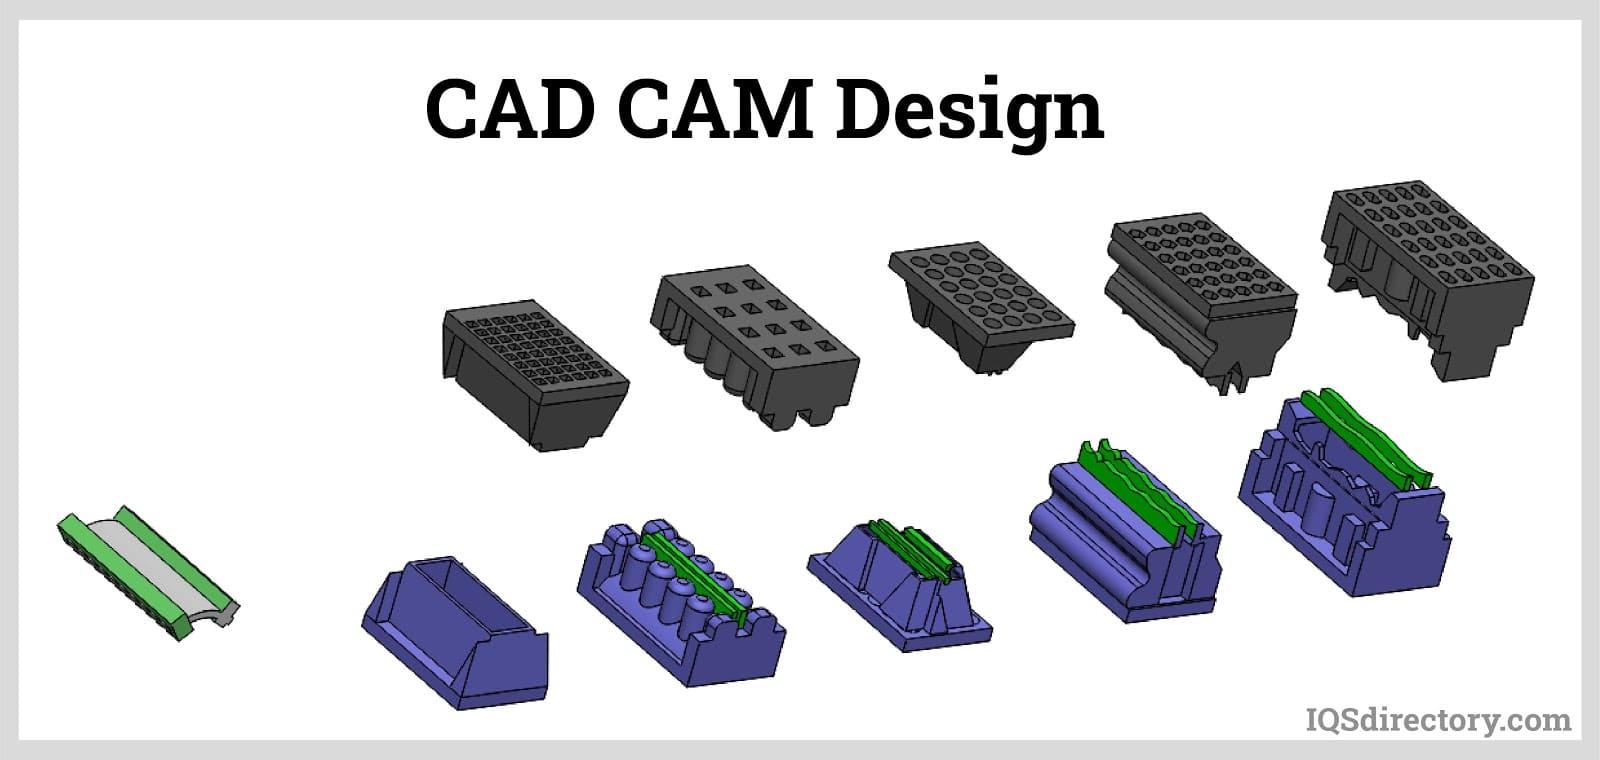 CAD CAM Design